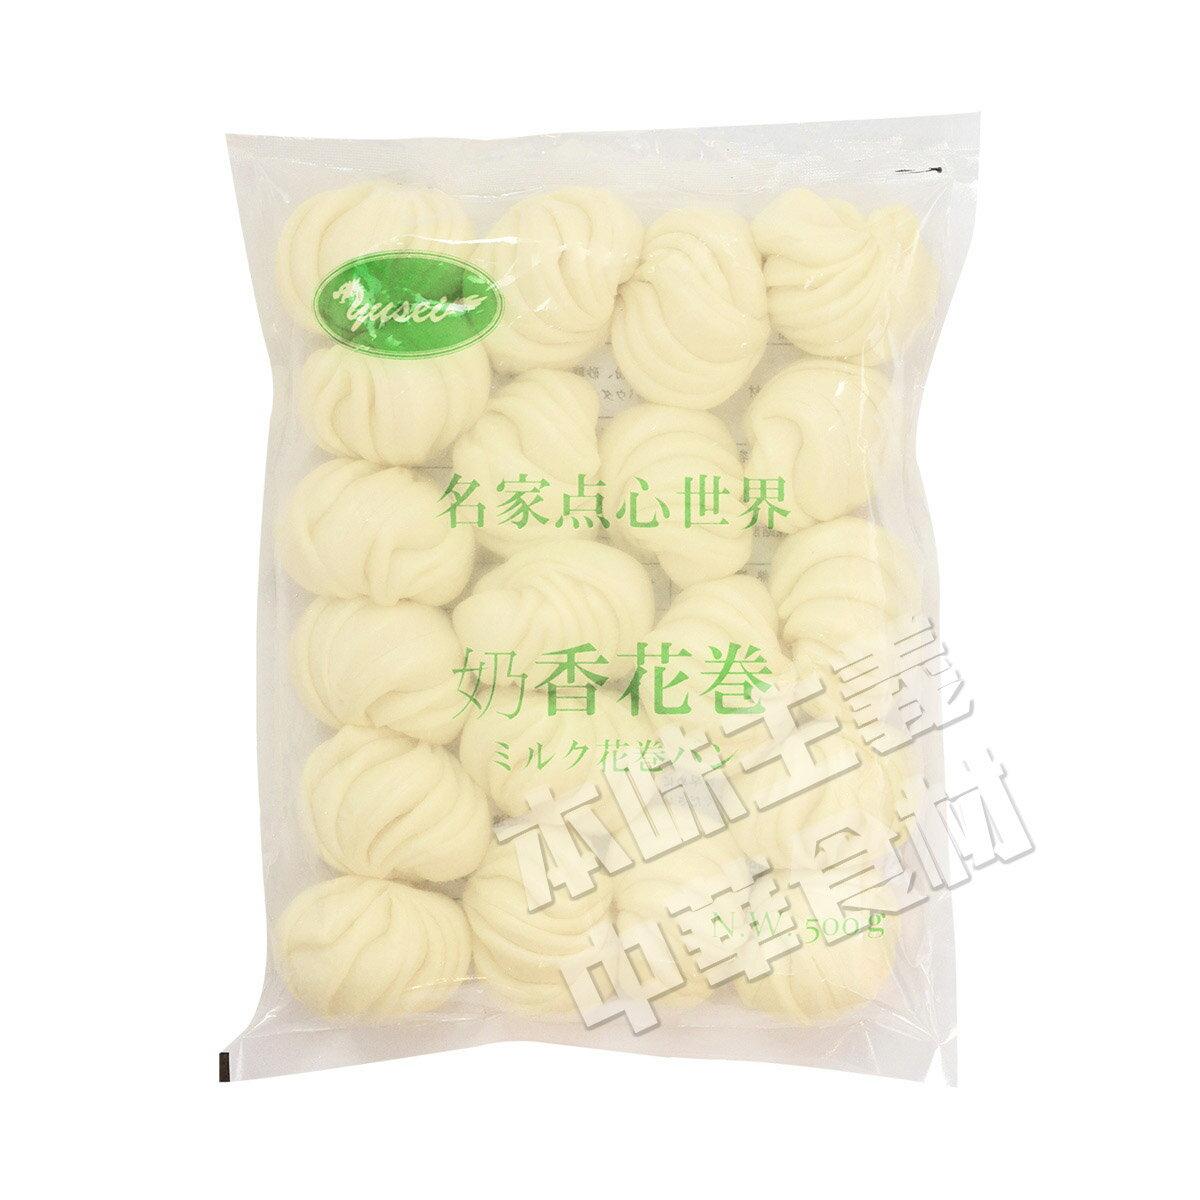 中国産 友盛ミルクハナマキ乃香花巻(20個入)500g 中華料理人気商品・中華食材